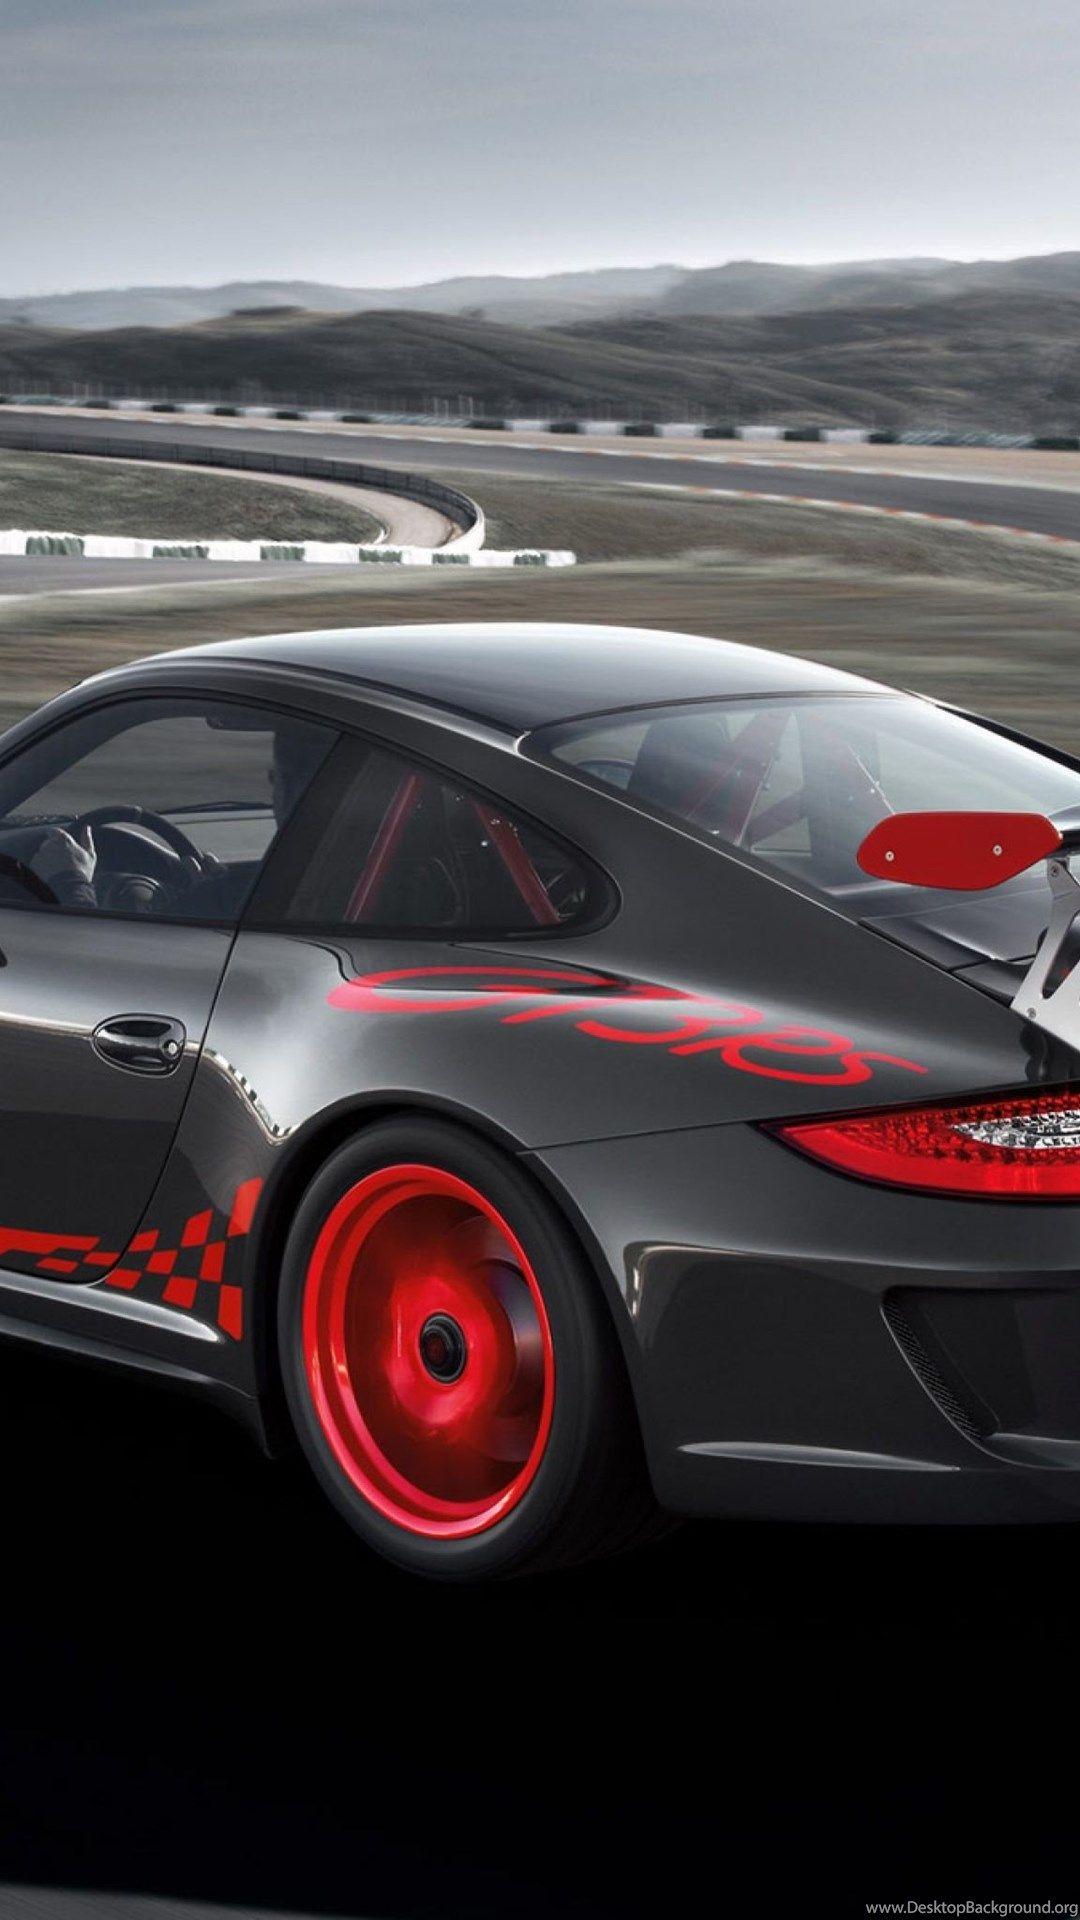 Porsche Gt3 Rs iPhone hd wallpaper